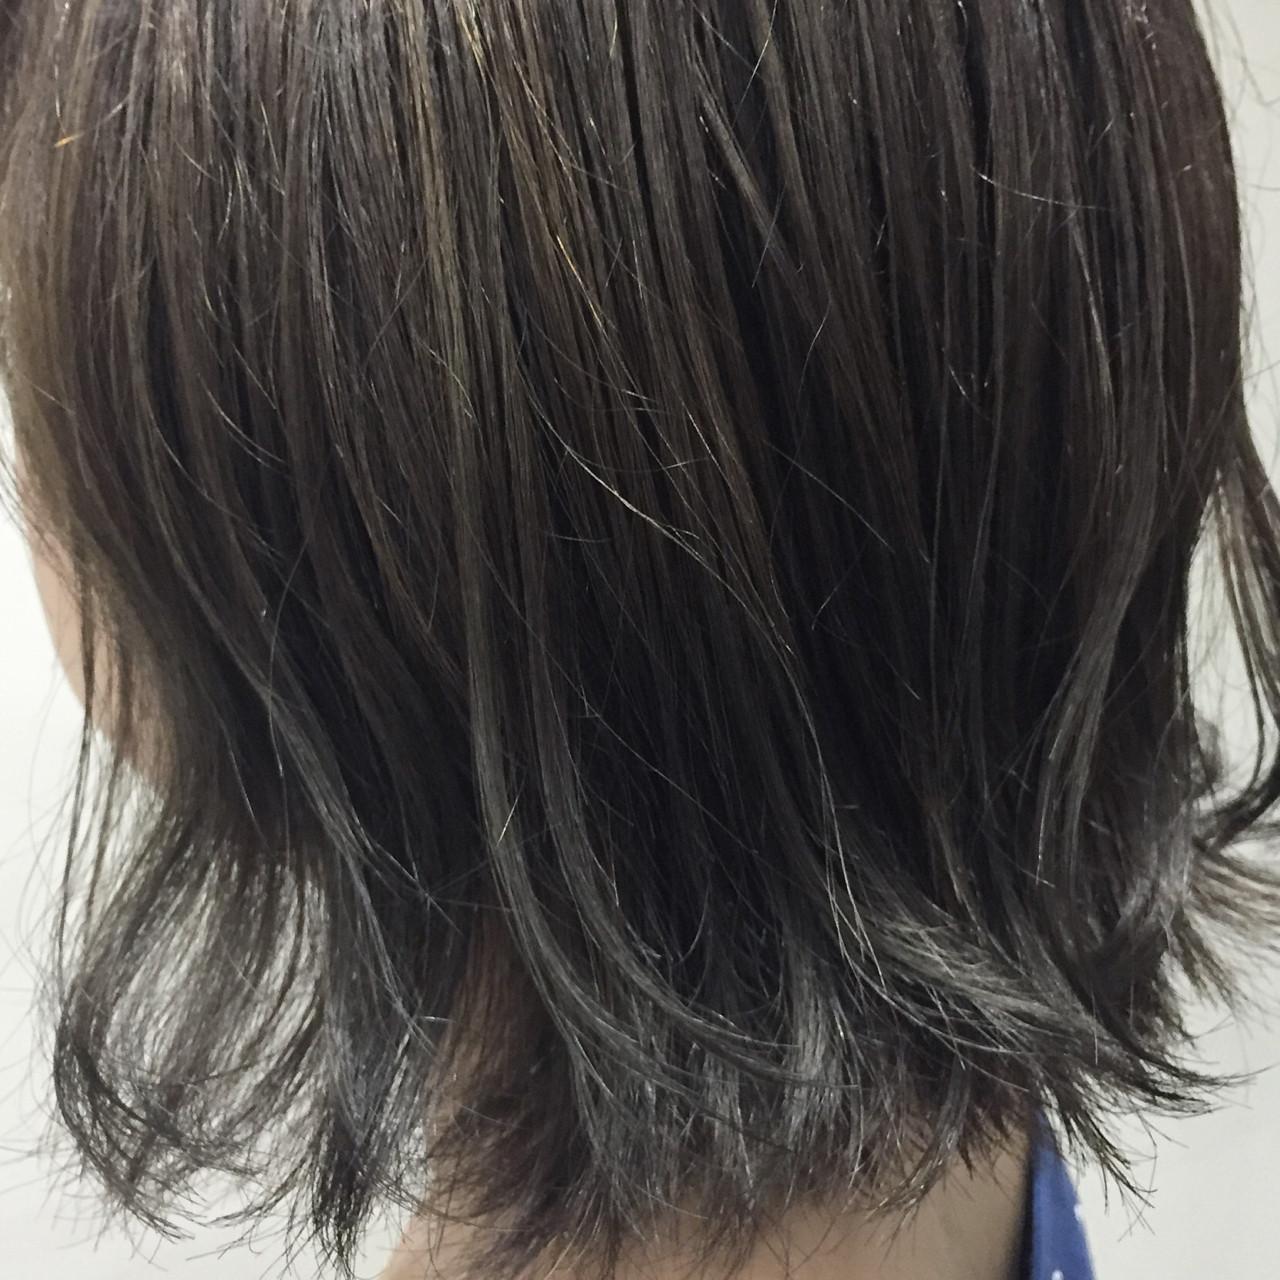 ガーリー ハイライト アッシュ 切りっぱなし ヘアスタイルや髪型の写真・画像 | 藤井 京介 / allys hair 心斎橋OPA 10F